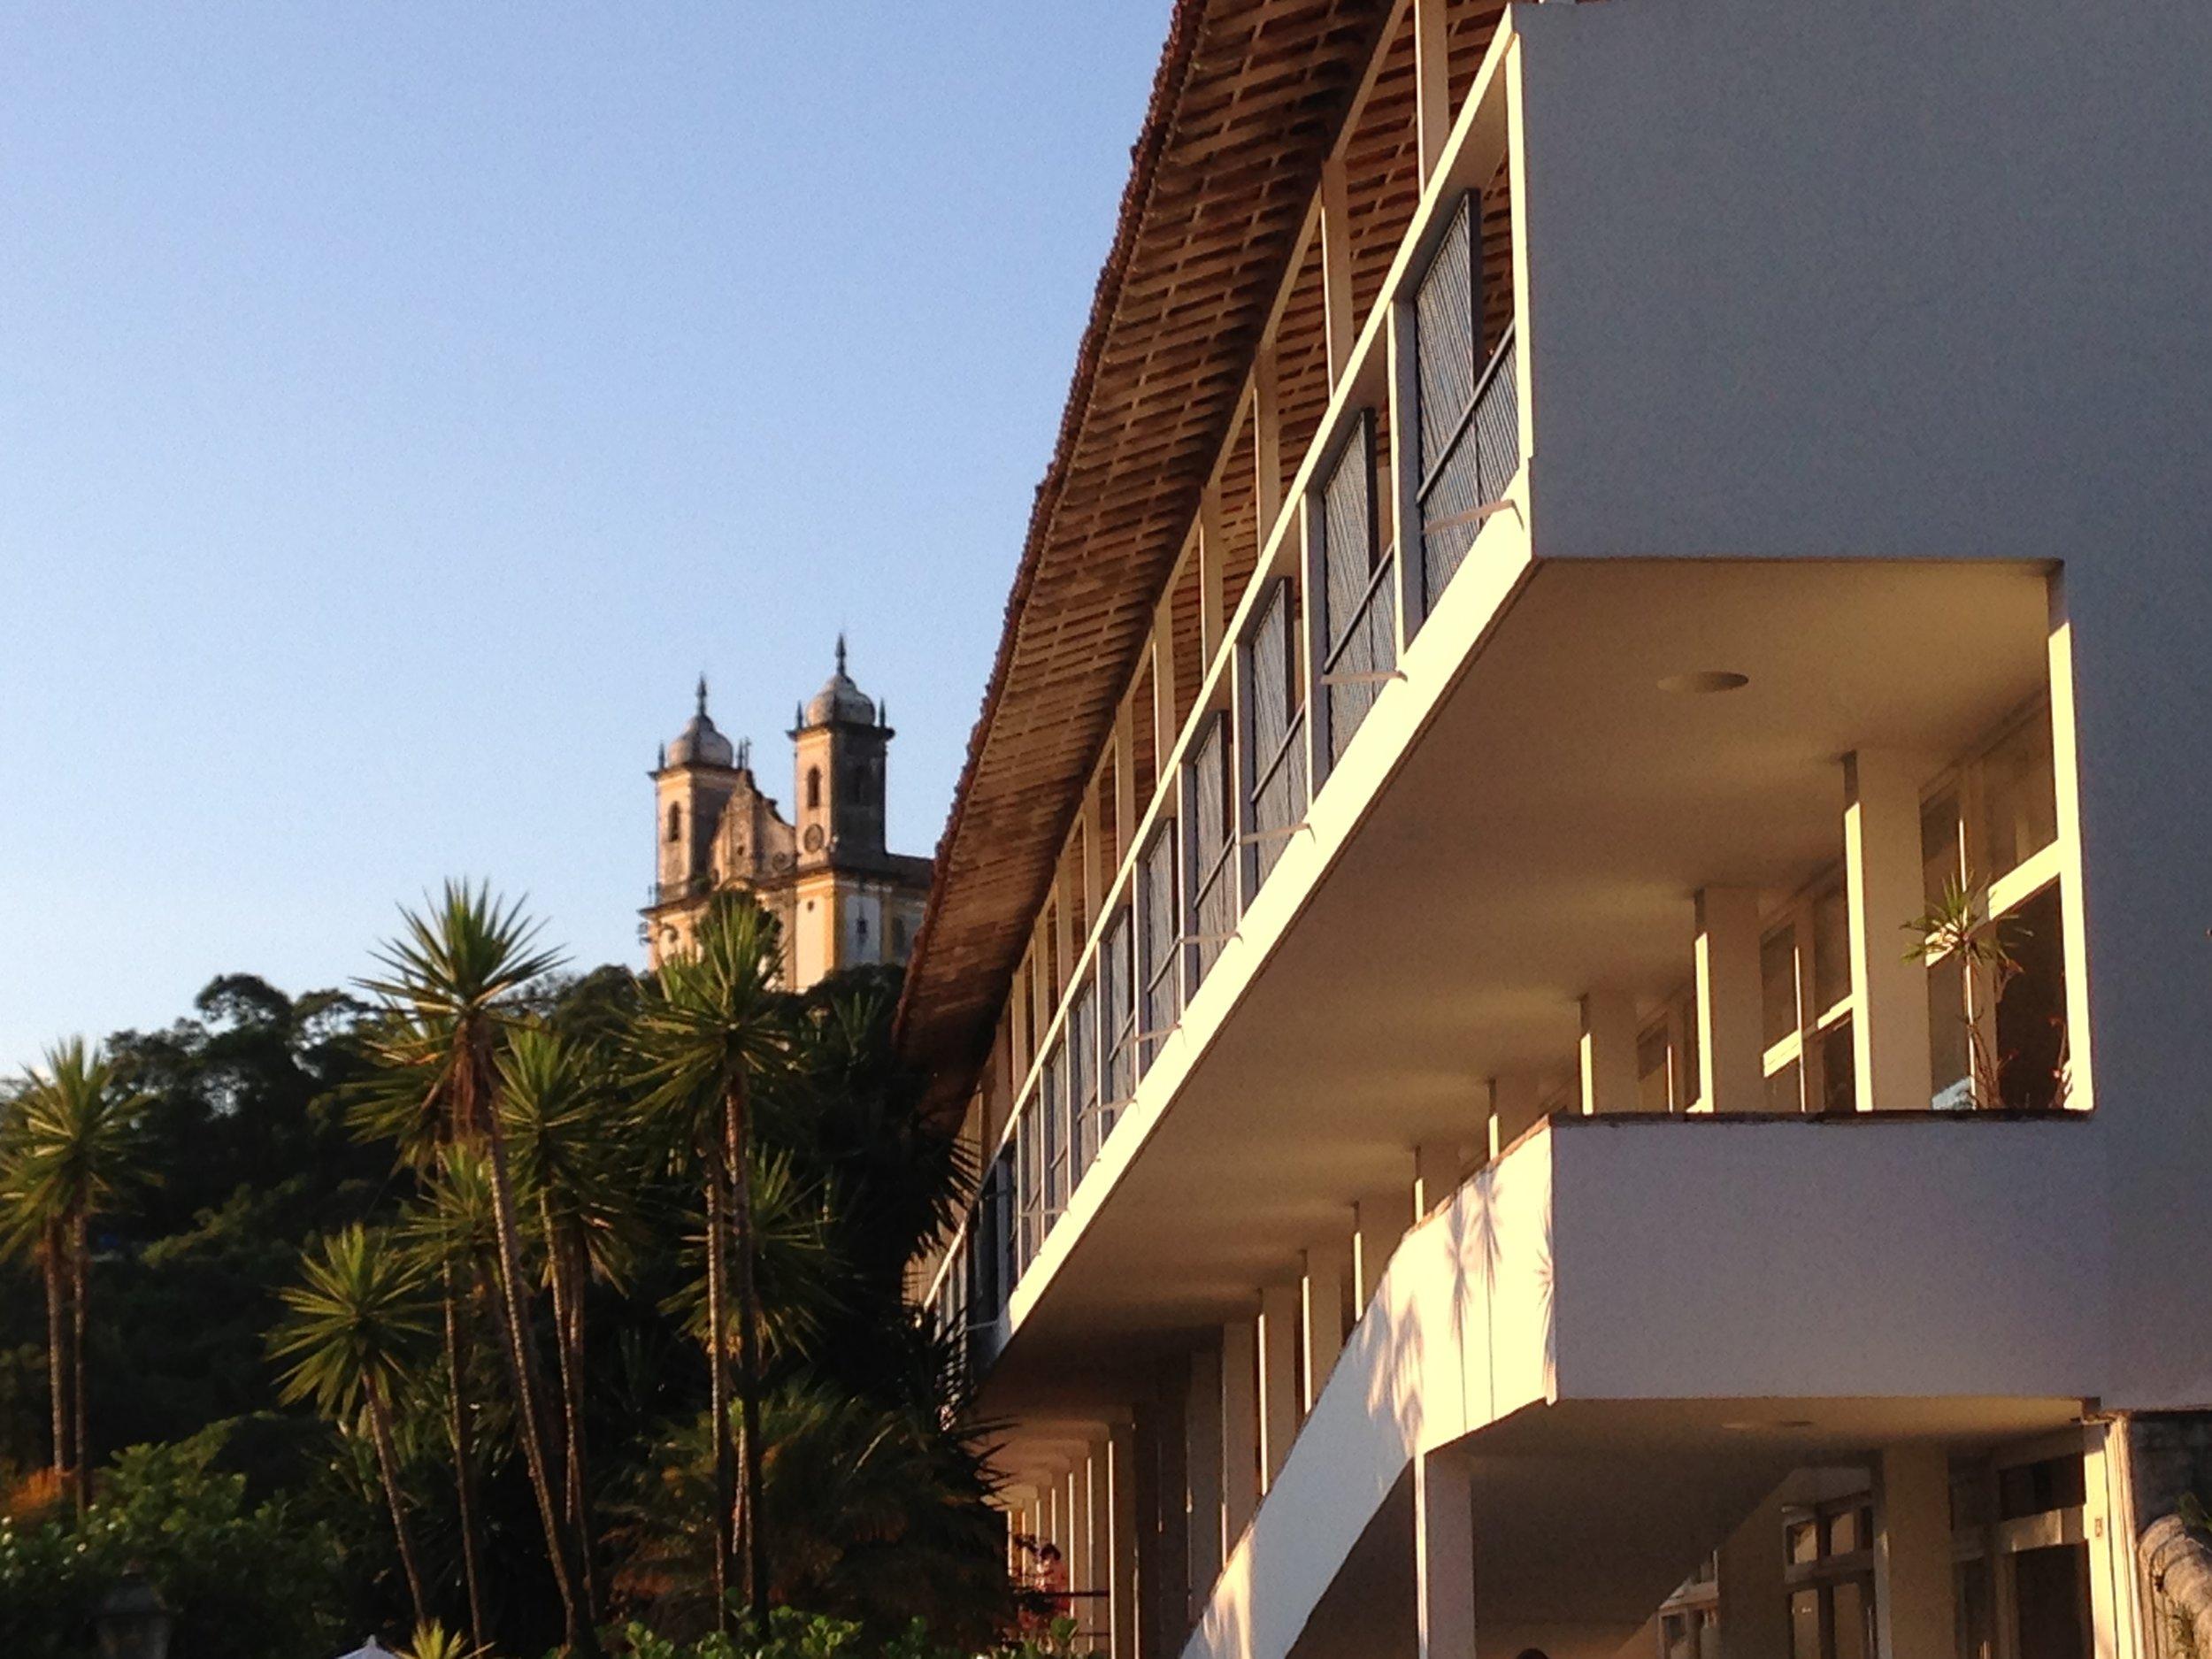 Ouro Preto - helt otroligt fin stad i Brasilien. Fylld av Portugisisk arkitektur och kyrkor, kanske är samma på Maderia?